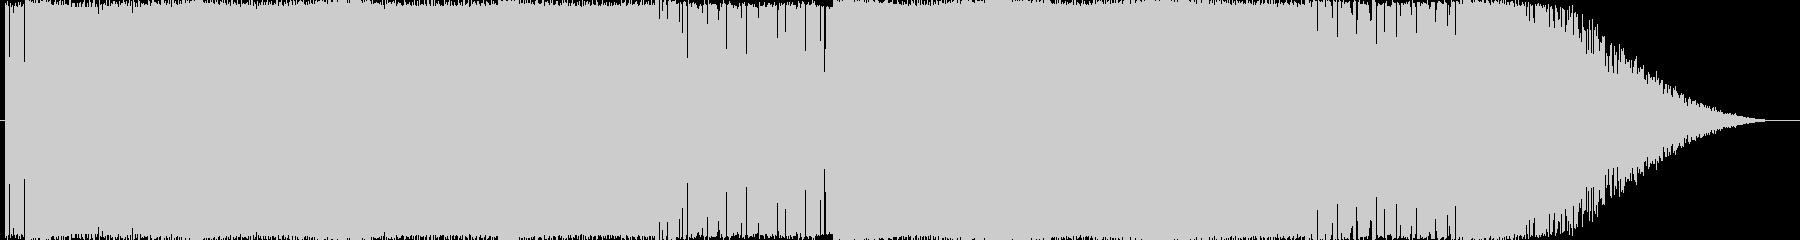 独創的なエレクトロサウンドになります。の未再生の波形